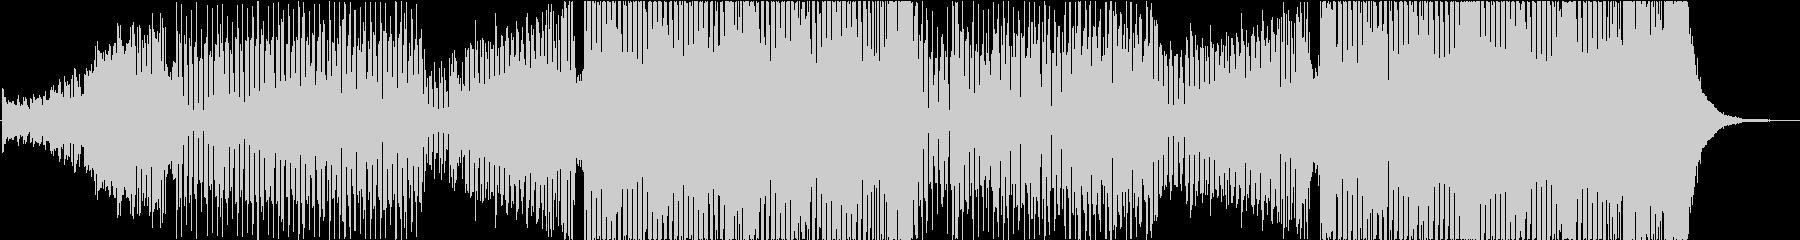 パワフルなブラスが入った洋楽風EDMの未再生の波形